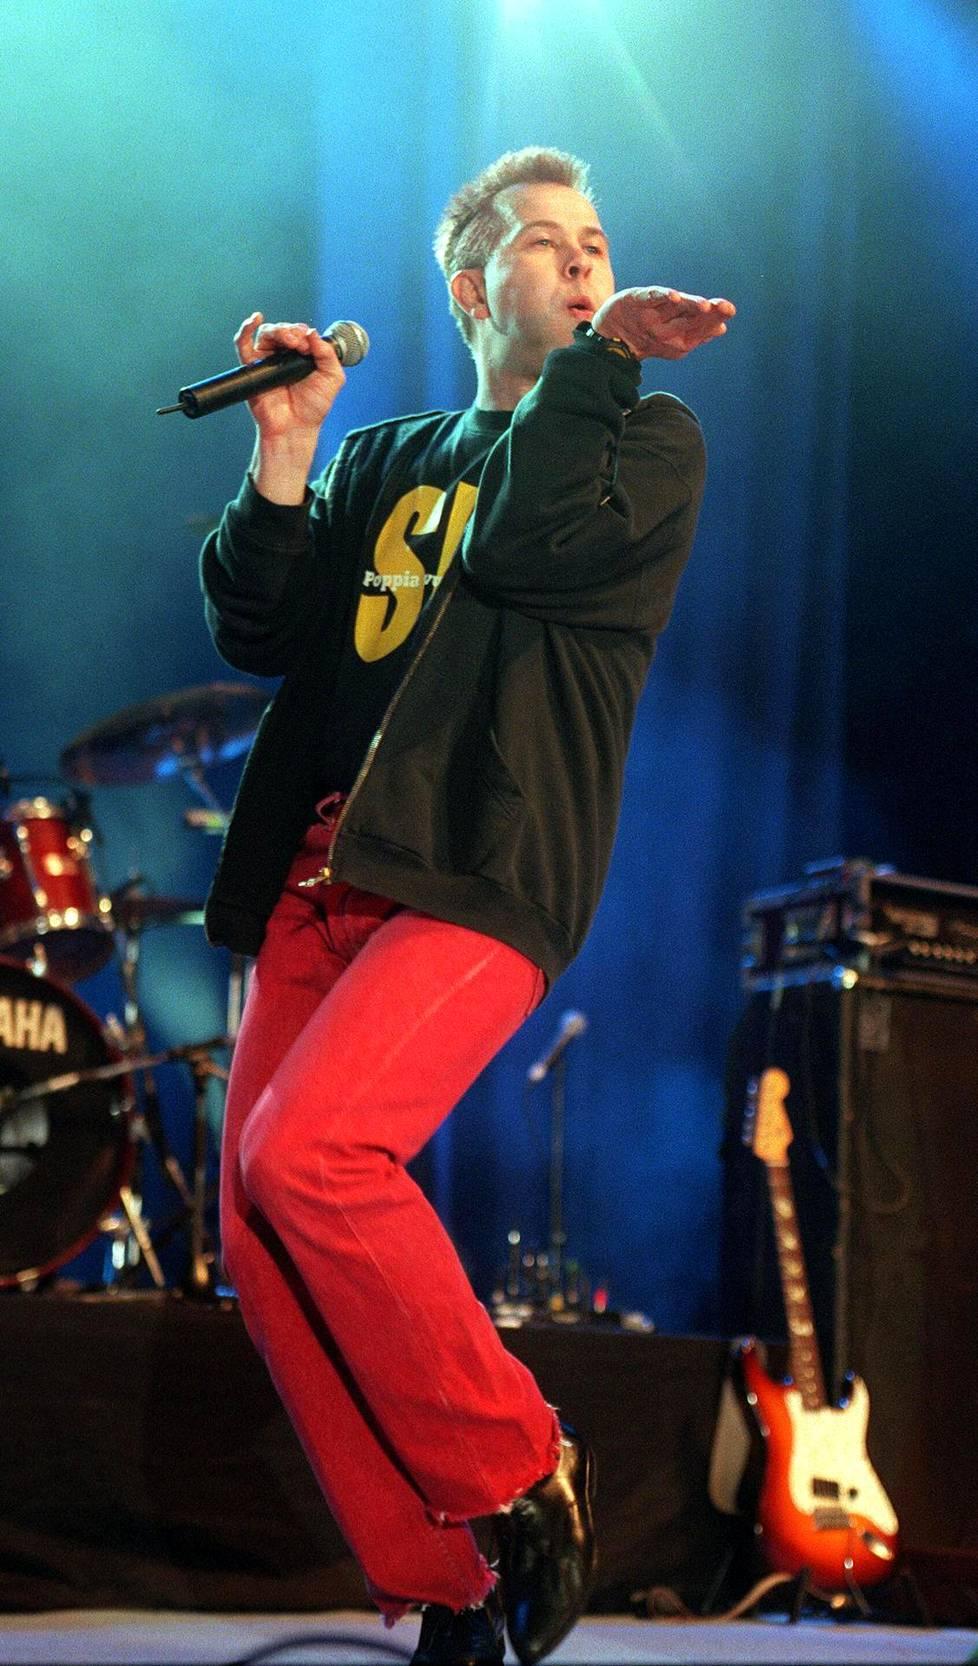 SIG esiintyi Pop-Finlandia -konsertissa itsenäisyyspäivänä vuonna 2000.